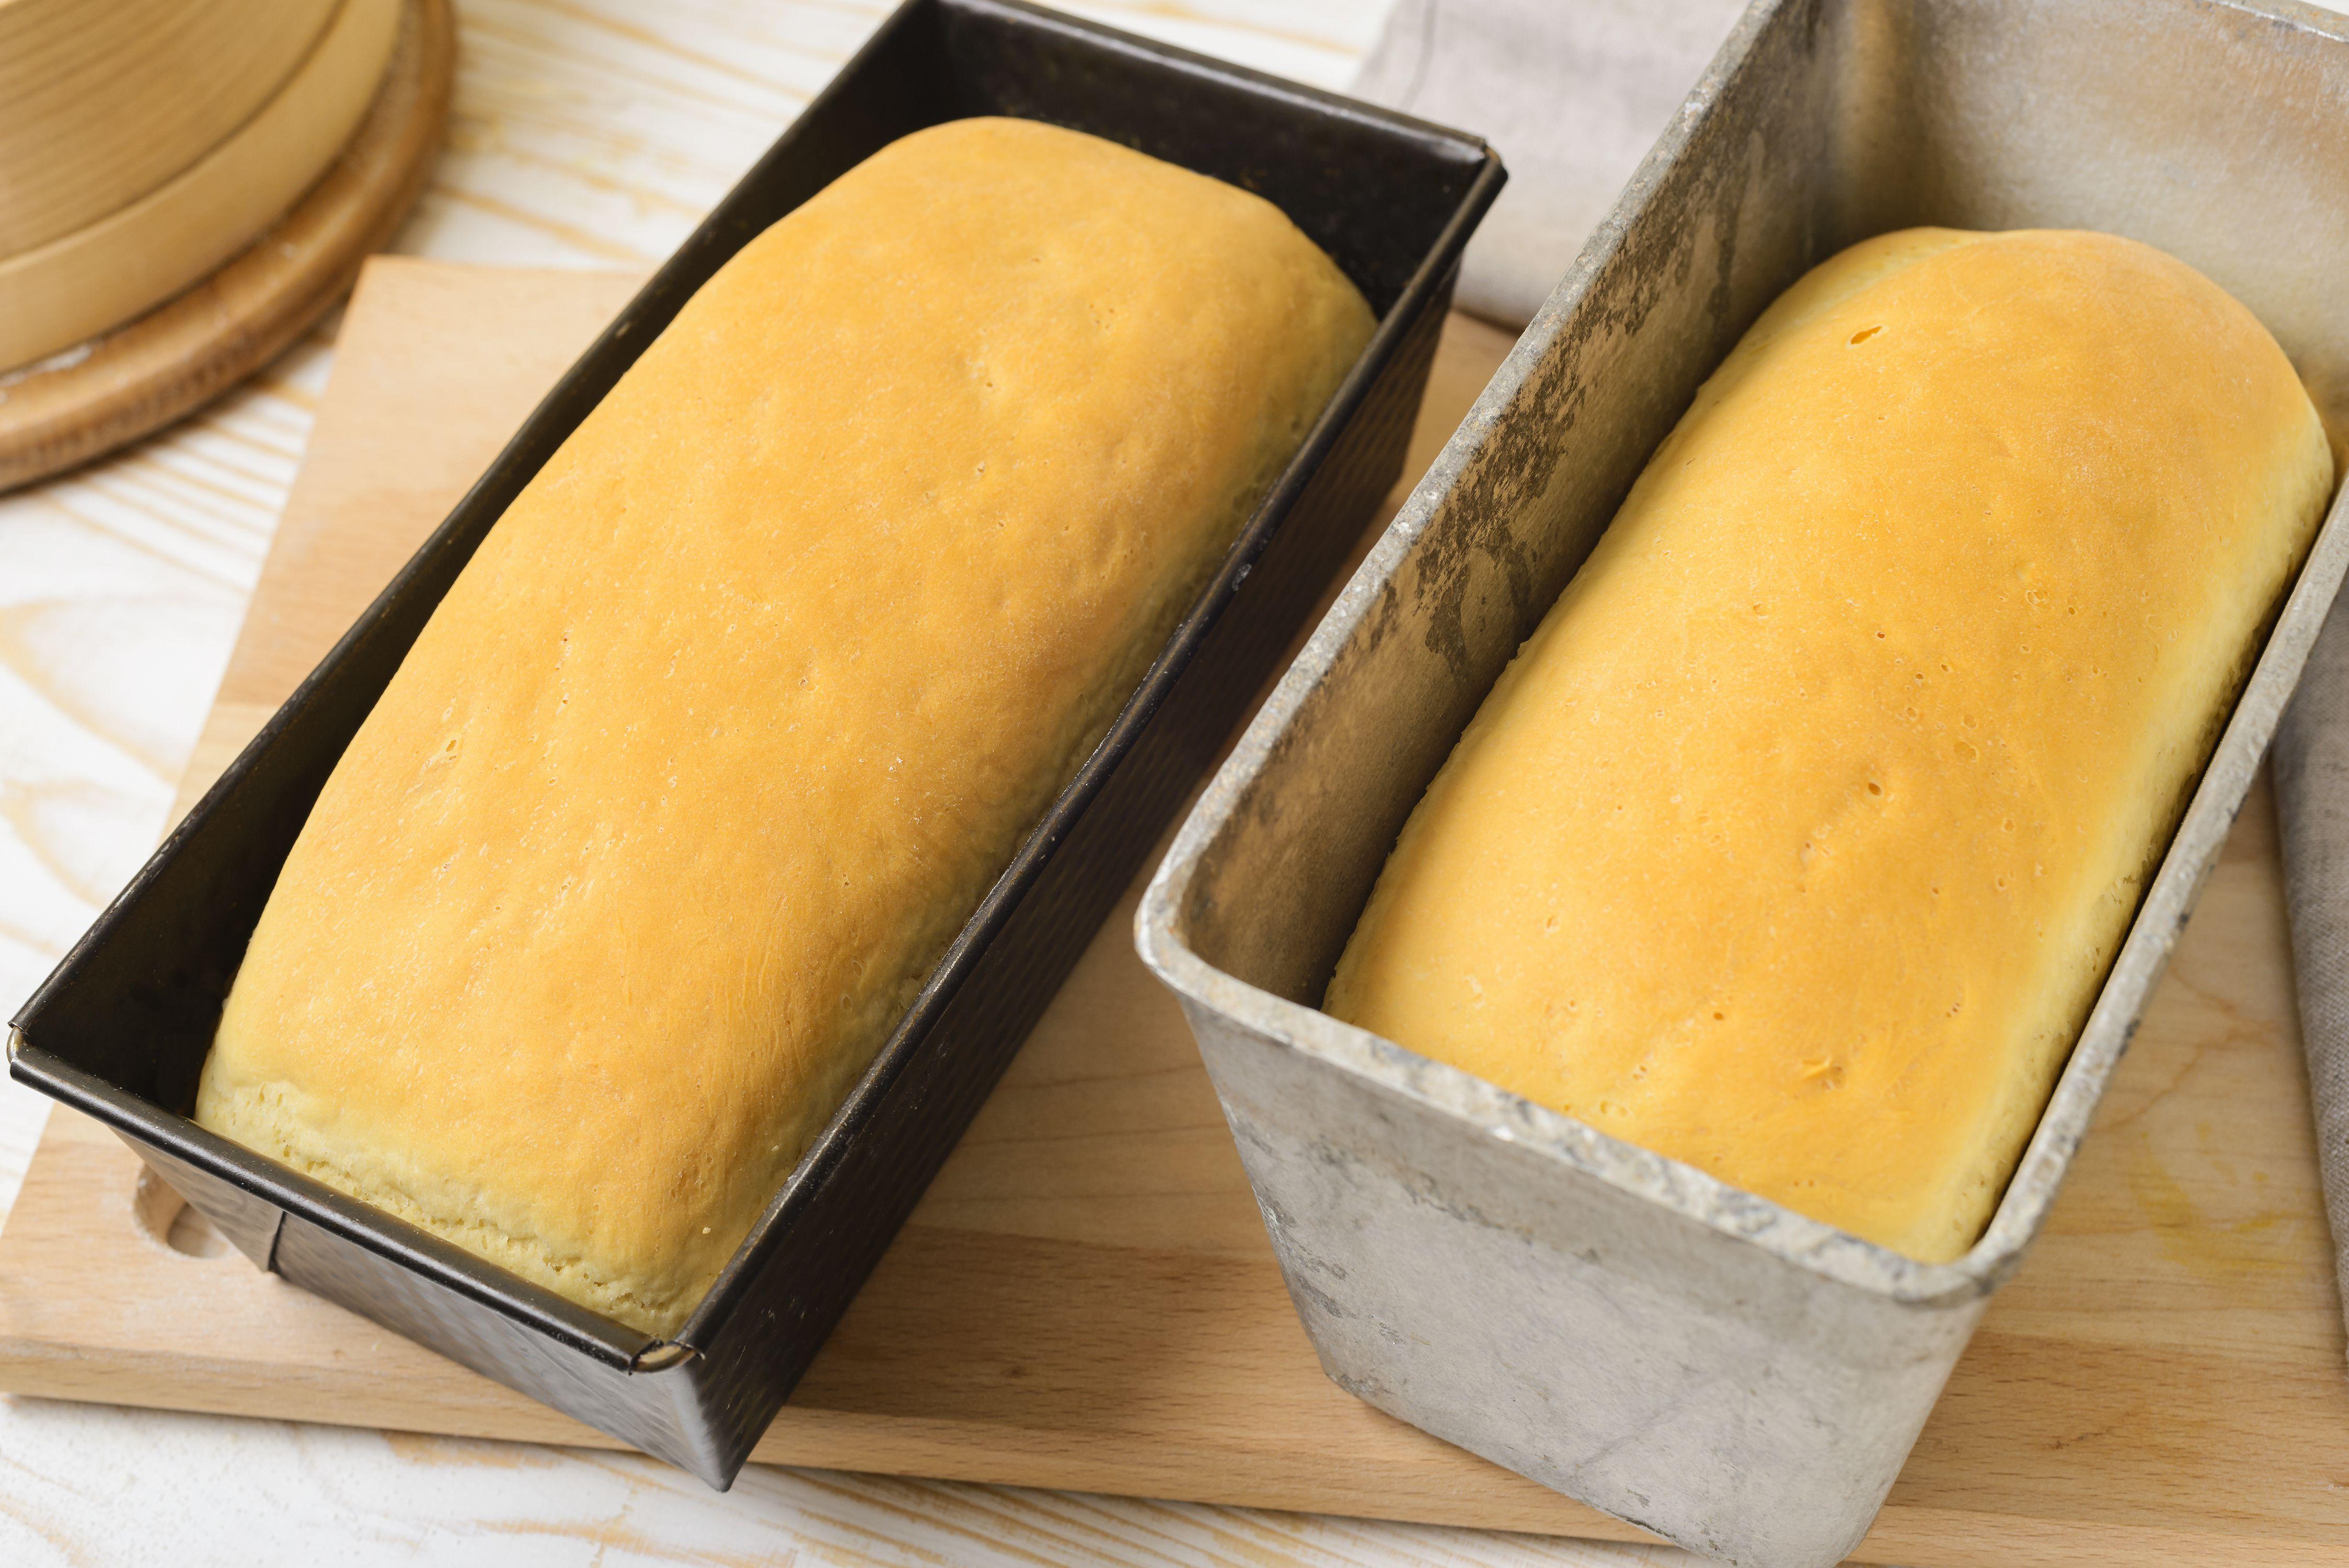 Bake bread until golden